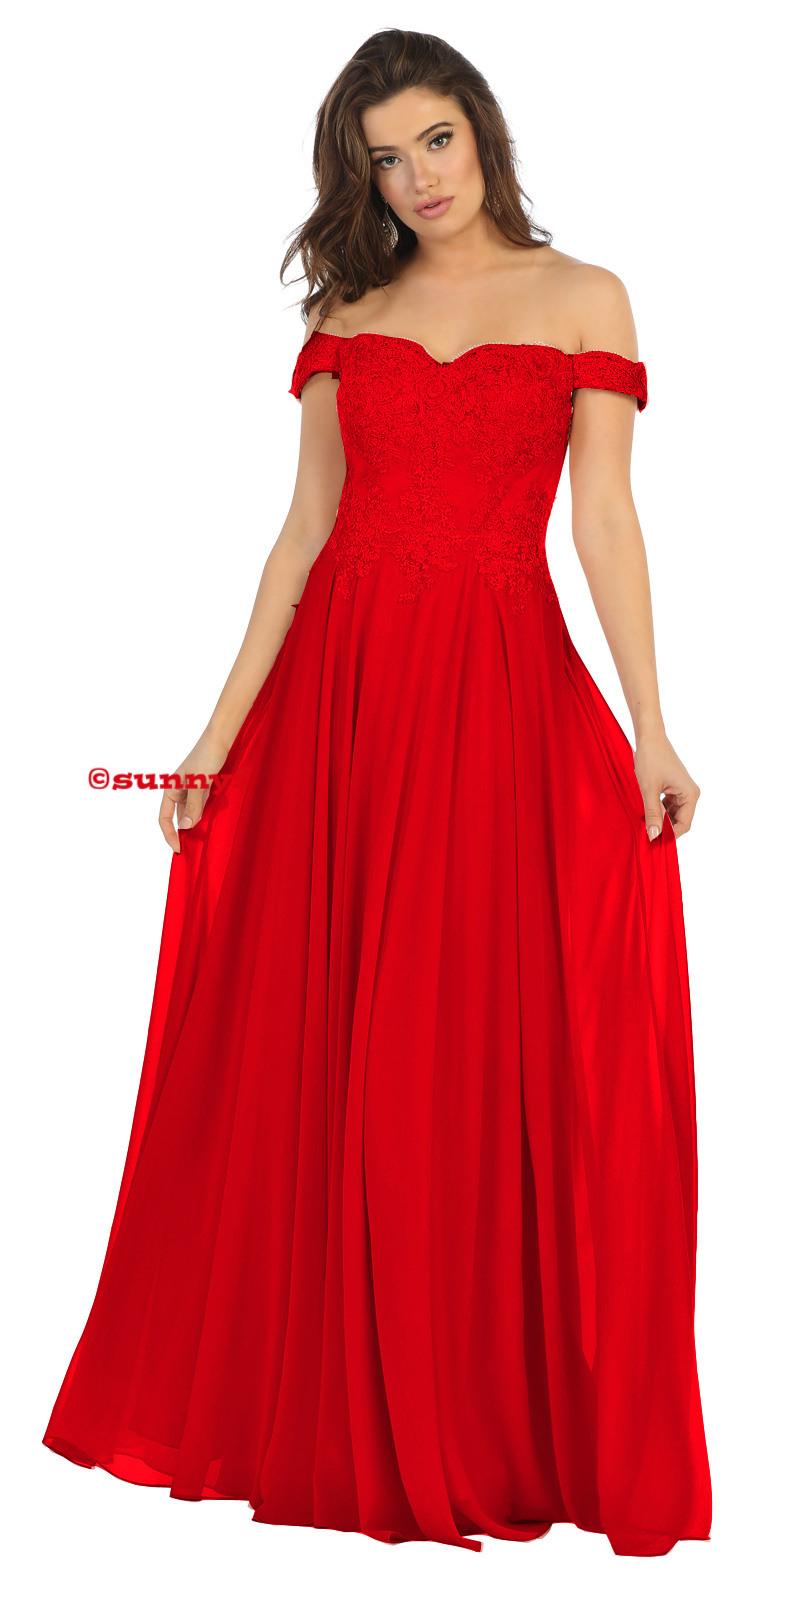 Designer Erstaunlich Abendmode Rot Vertrieb20 Genial Abendmode Rot Galerie